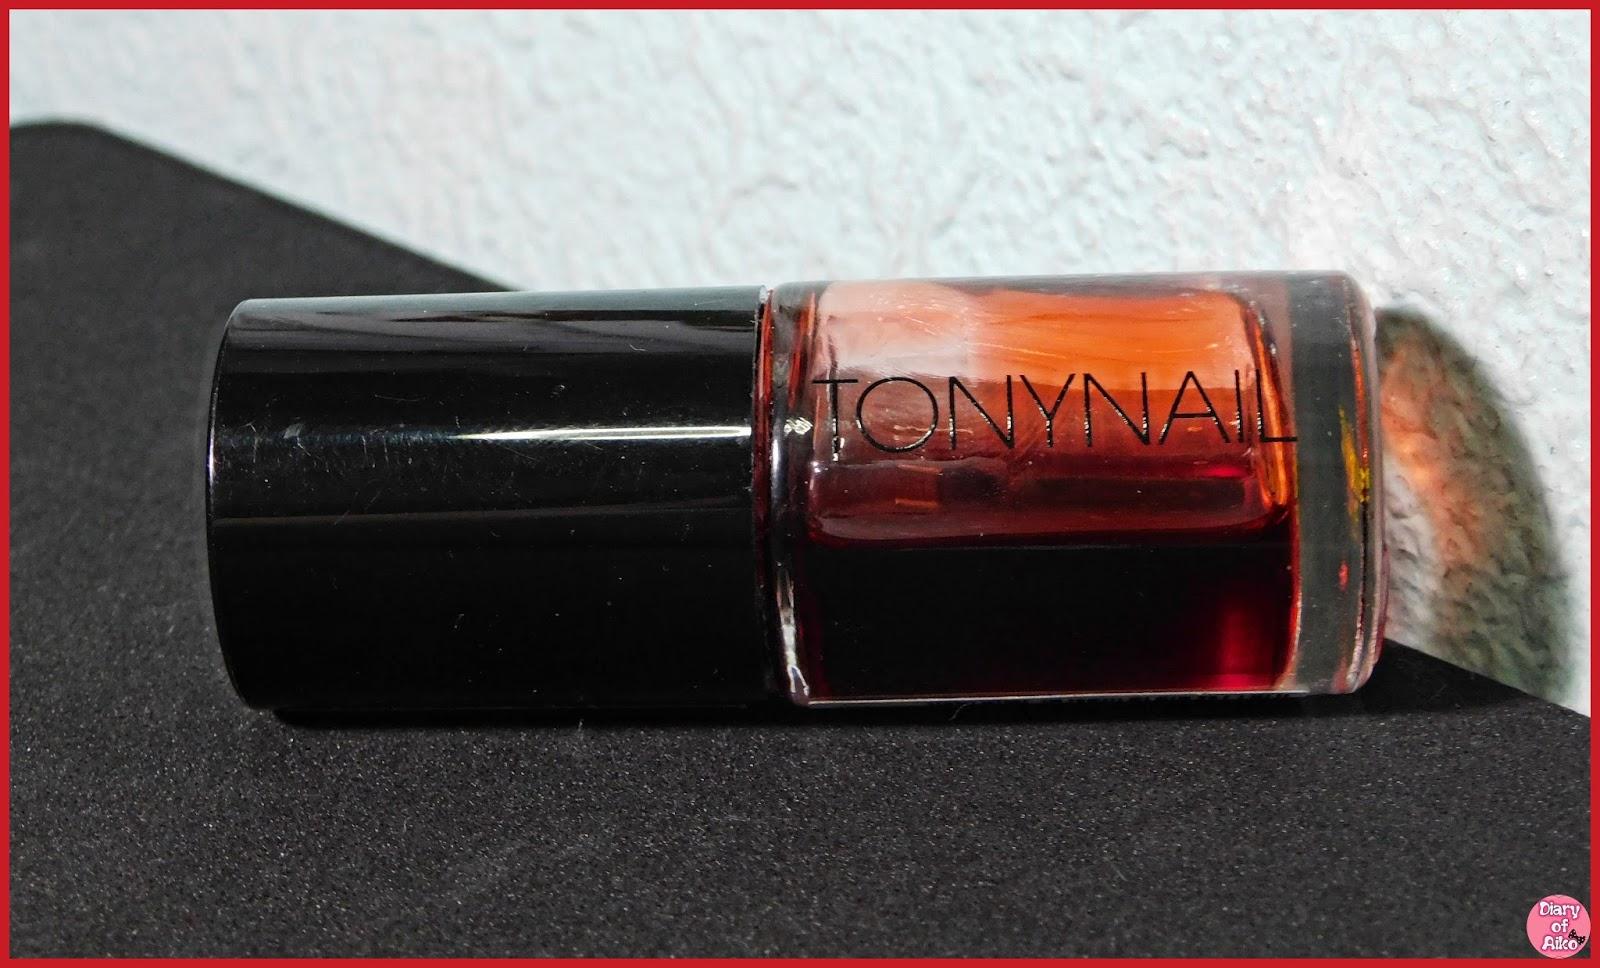 Review Tonymoly Delight Tony Tint Nail 01 Cherry Pink Moly Liptint